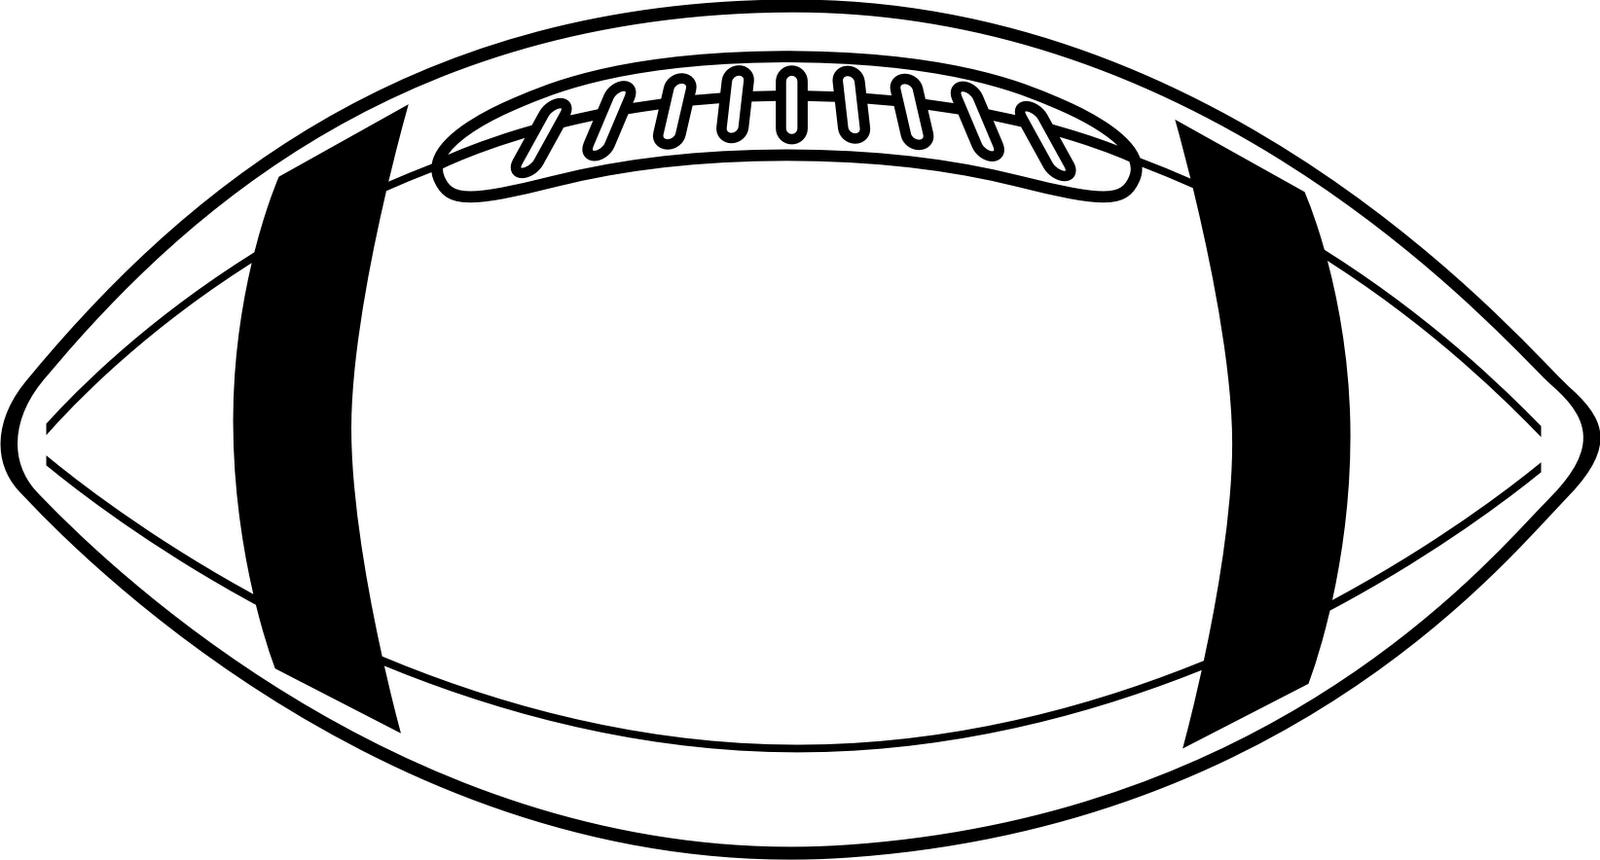 Football Helmet Clip Art Free 4-Football helmet clip art free 4-13